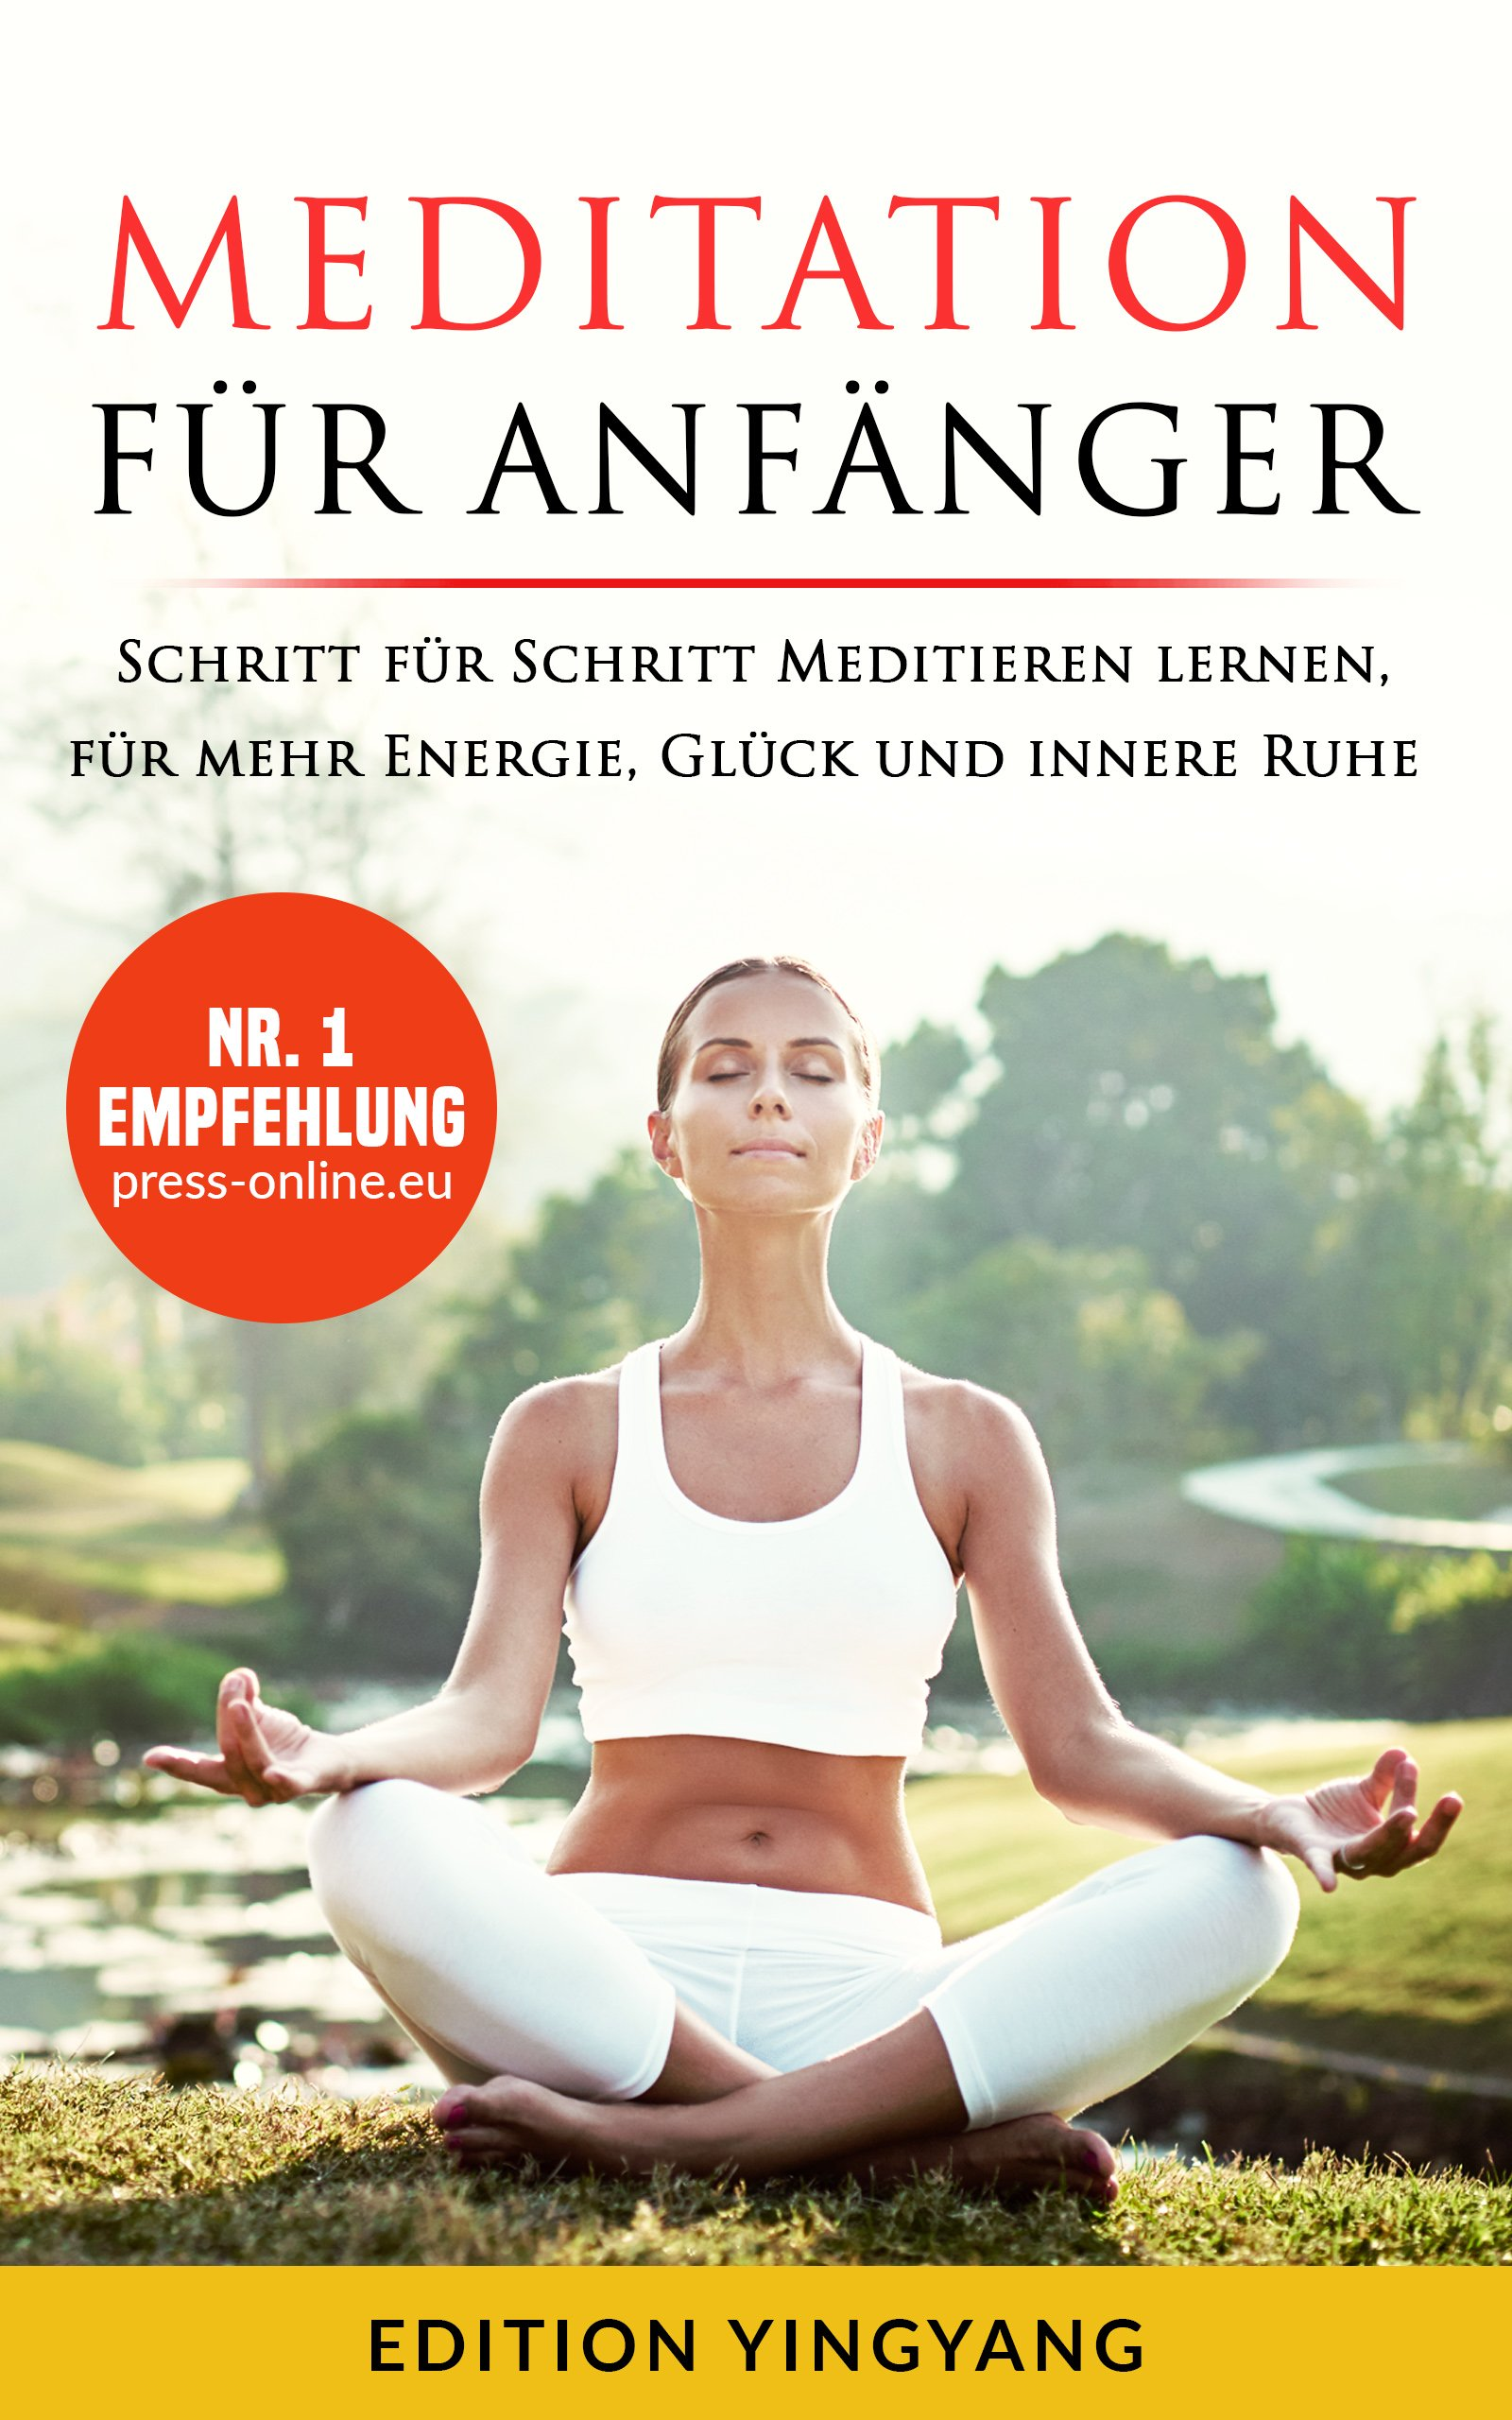 Meditation Für Anfänger  Schritt Für Schritt Meditieren Lernen Für Mehr Energie Glück Und Innere Ruhe.  Unterschiedliche Methoden Für Jedermann